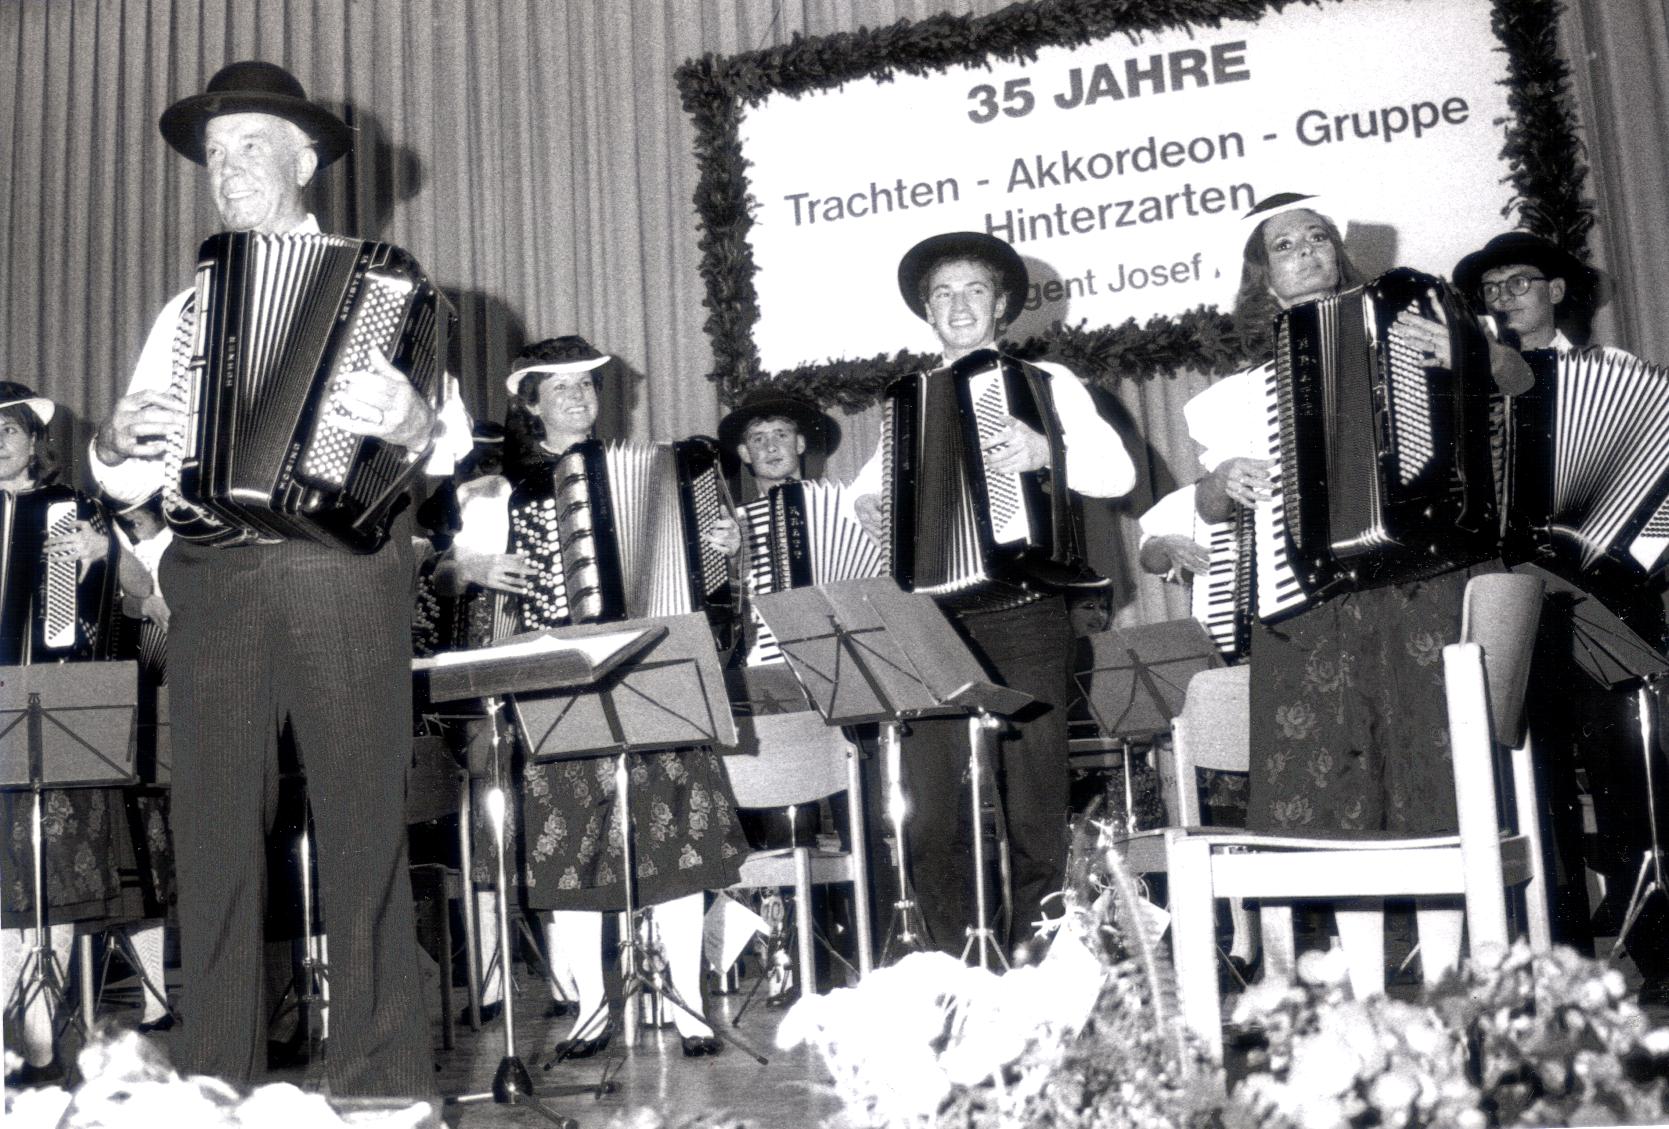 Dirigentenwechsel und Jubiläum 35 Jahre Trachten-Akkordeongruppe - Oktober 1991